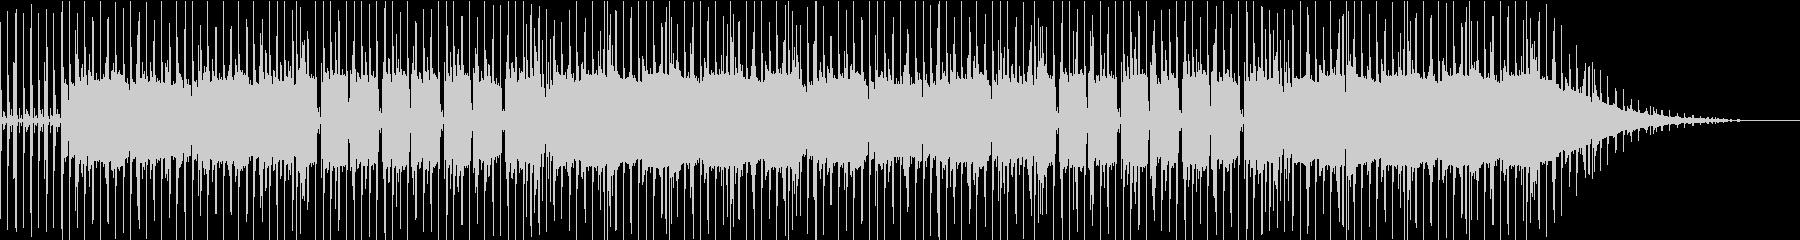 クラシックな80年代のシンセポップ...の未再生の波形